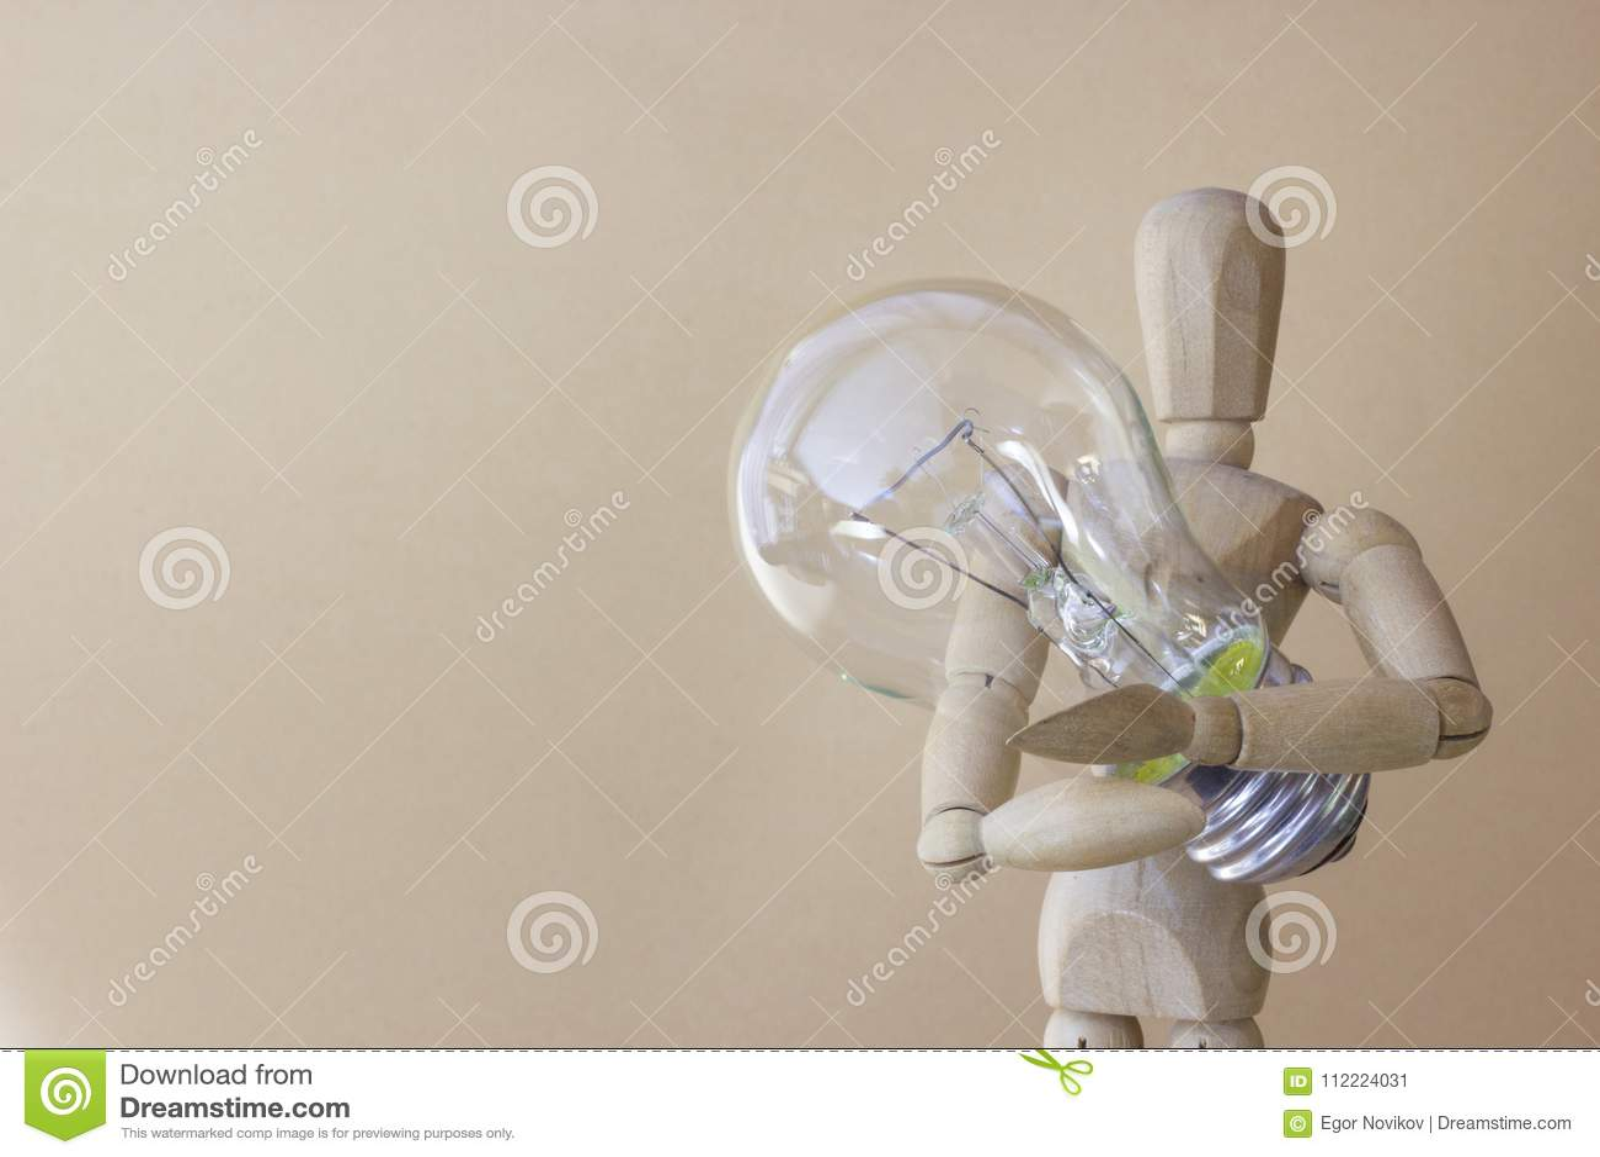 Деревянная персона держит электрическую лампочку в руке